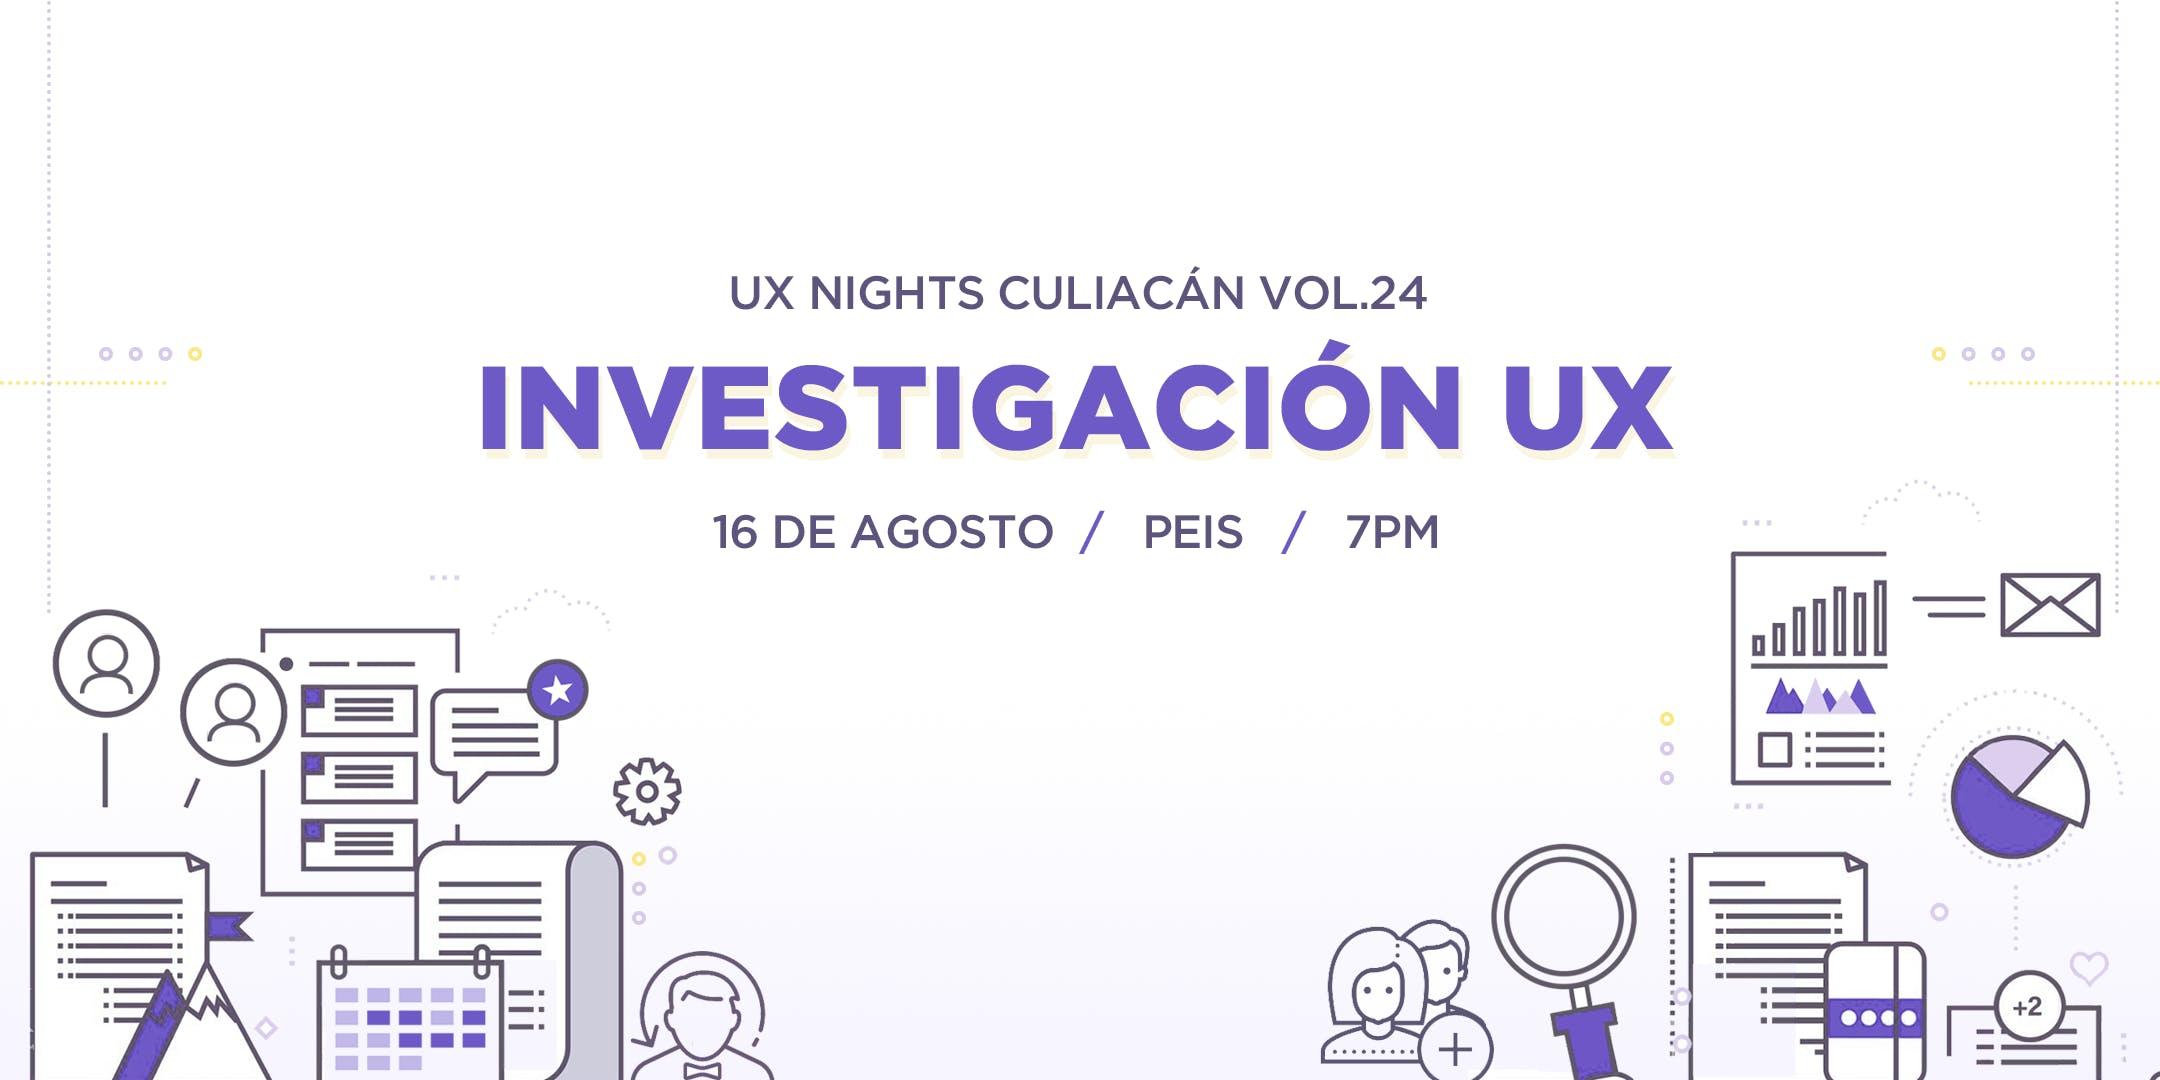 UX Nights Culiacán Vol. 24 - Investigación UX